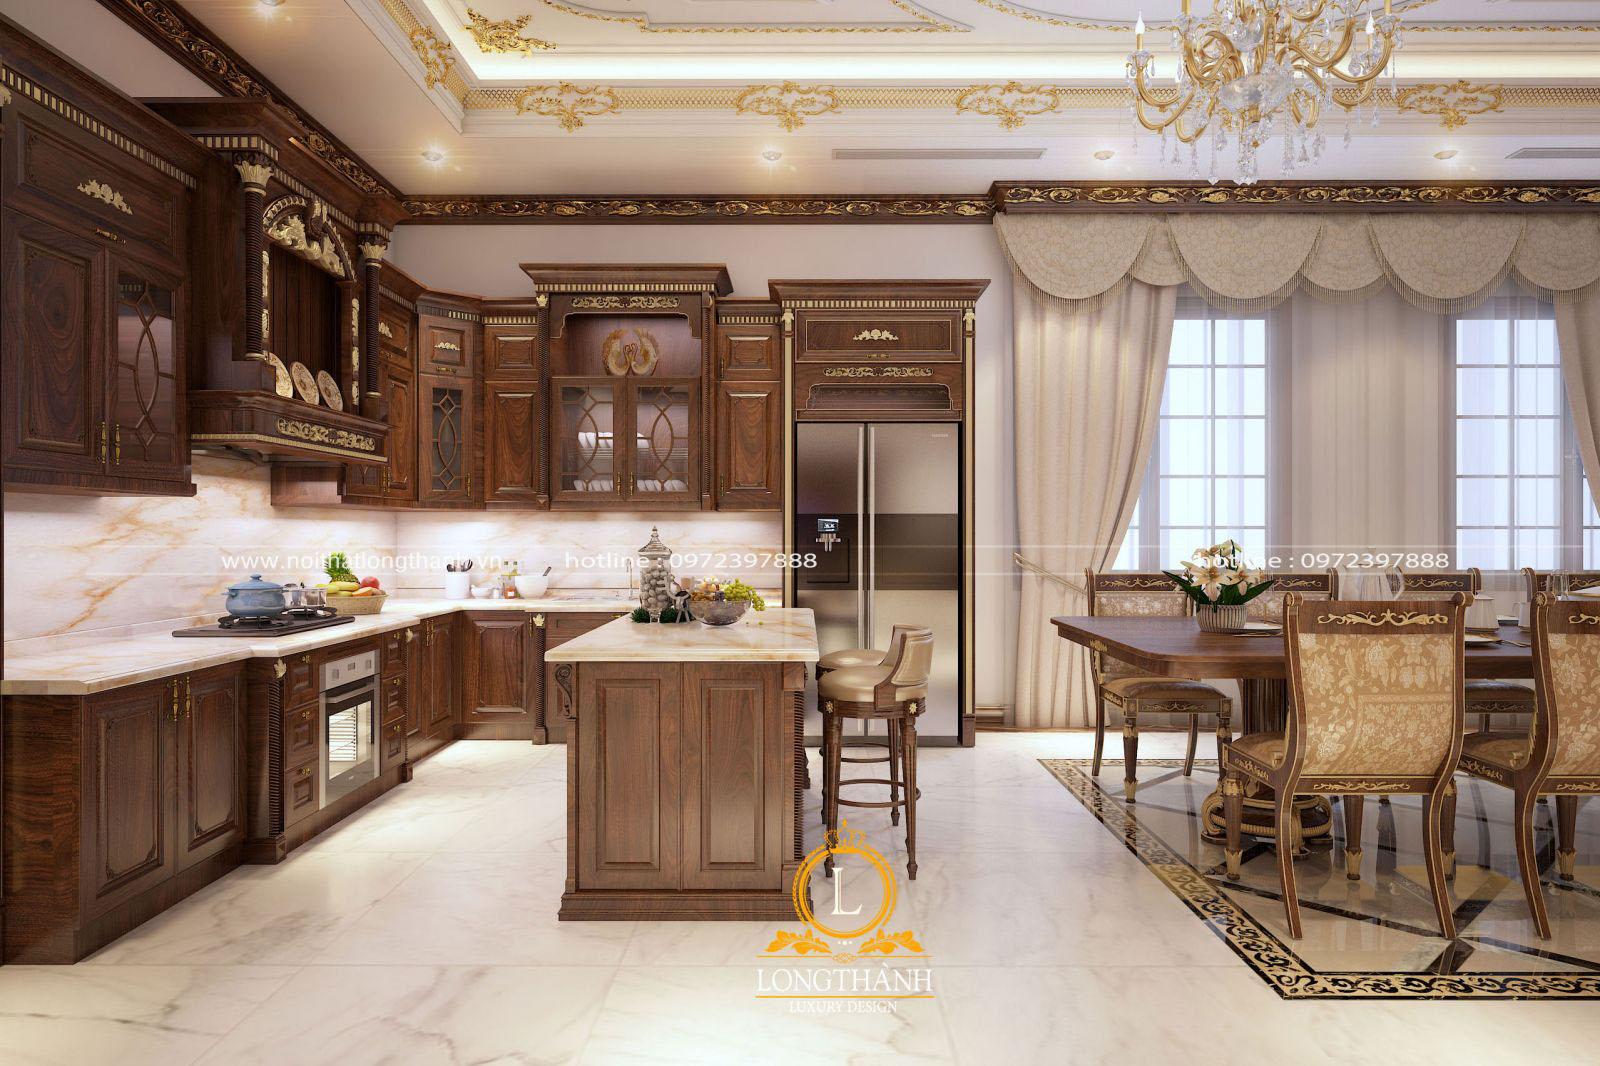 Thiết kế tủ bếp cao cấp gỗ tự nhiên đẹp